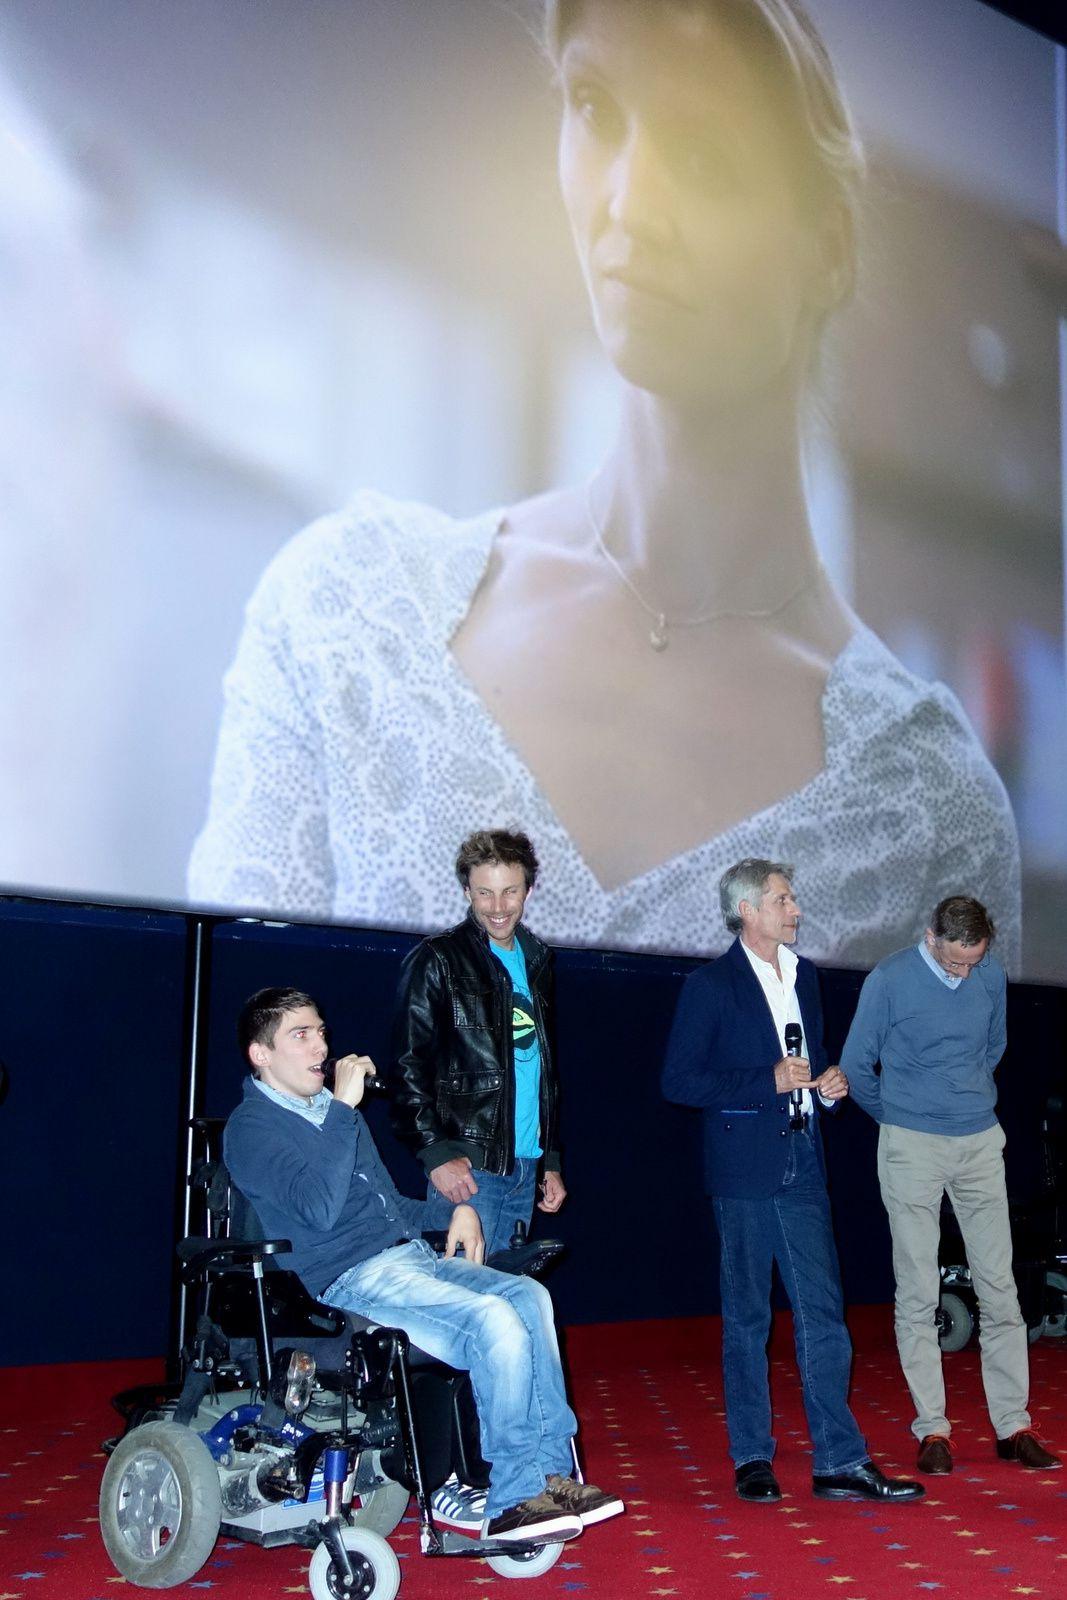 A la fin, le kiné de Fabien arrive près de lui. En fond d'écran, Alexandra Lamy, qui joue la mère, apparait.